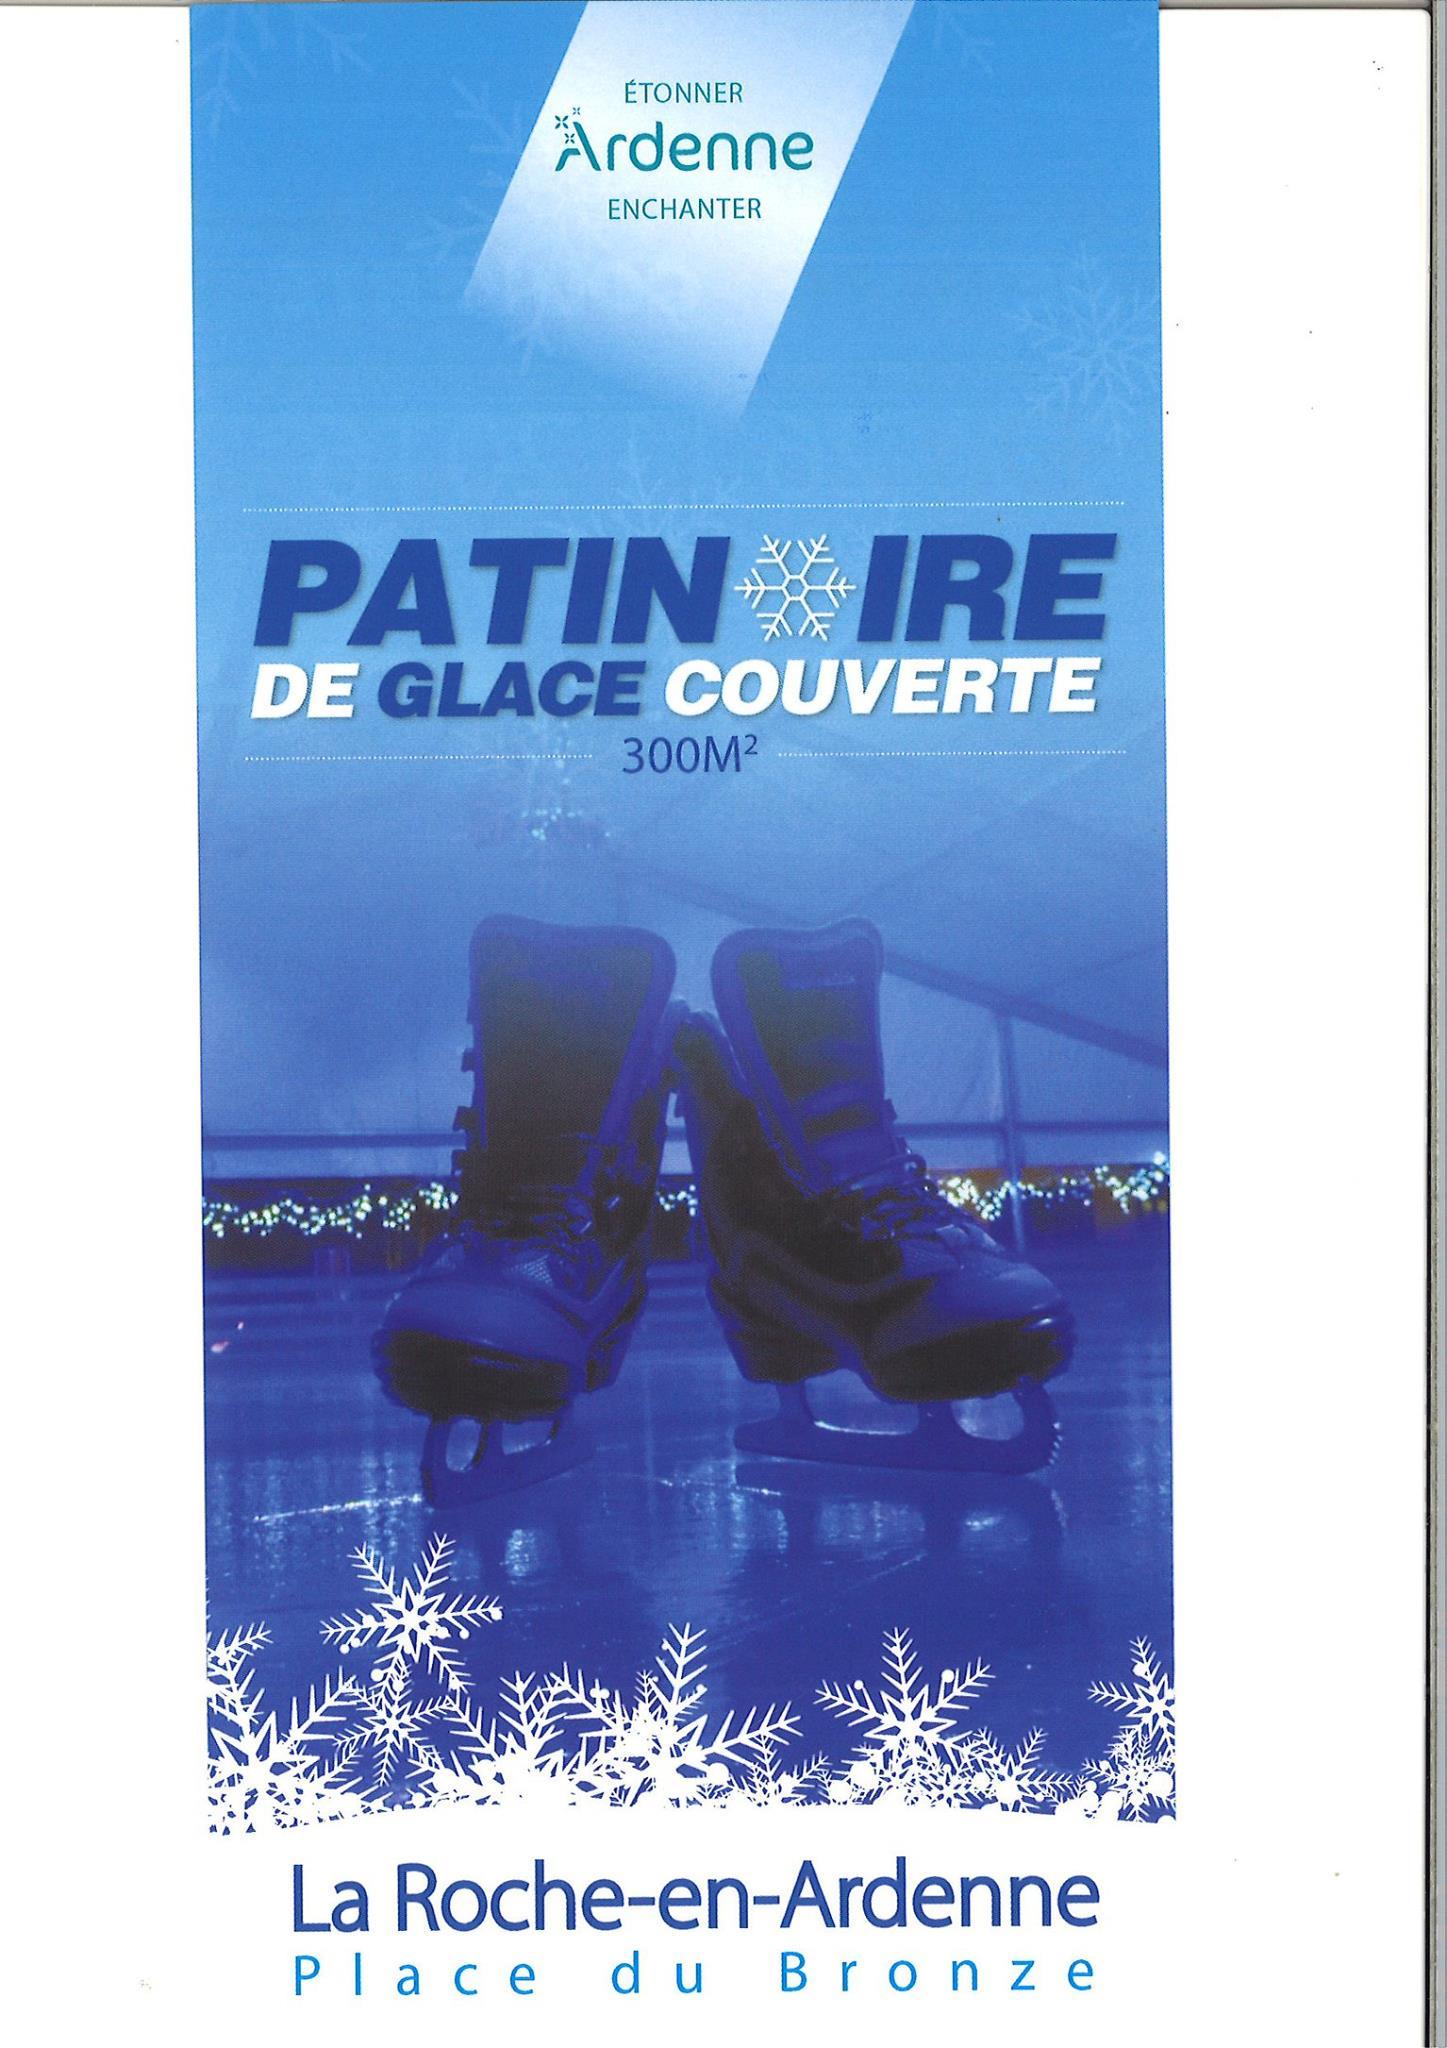 La Roche en Ardenne : patinoire pour l'hiver